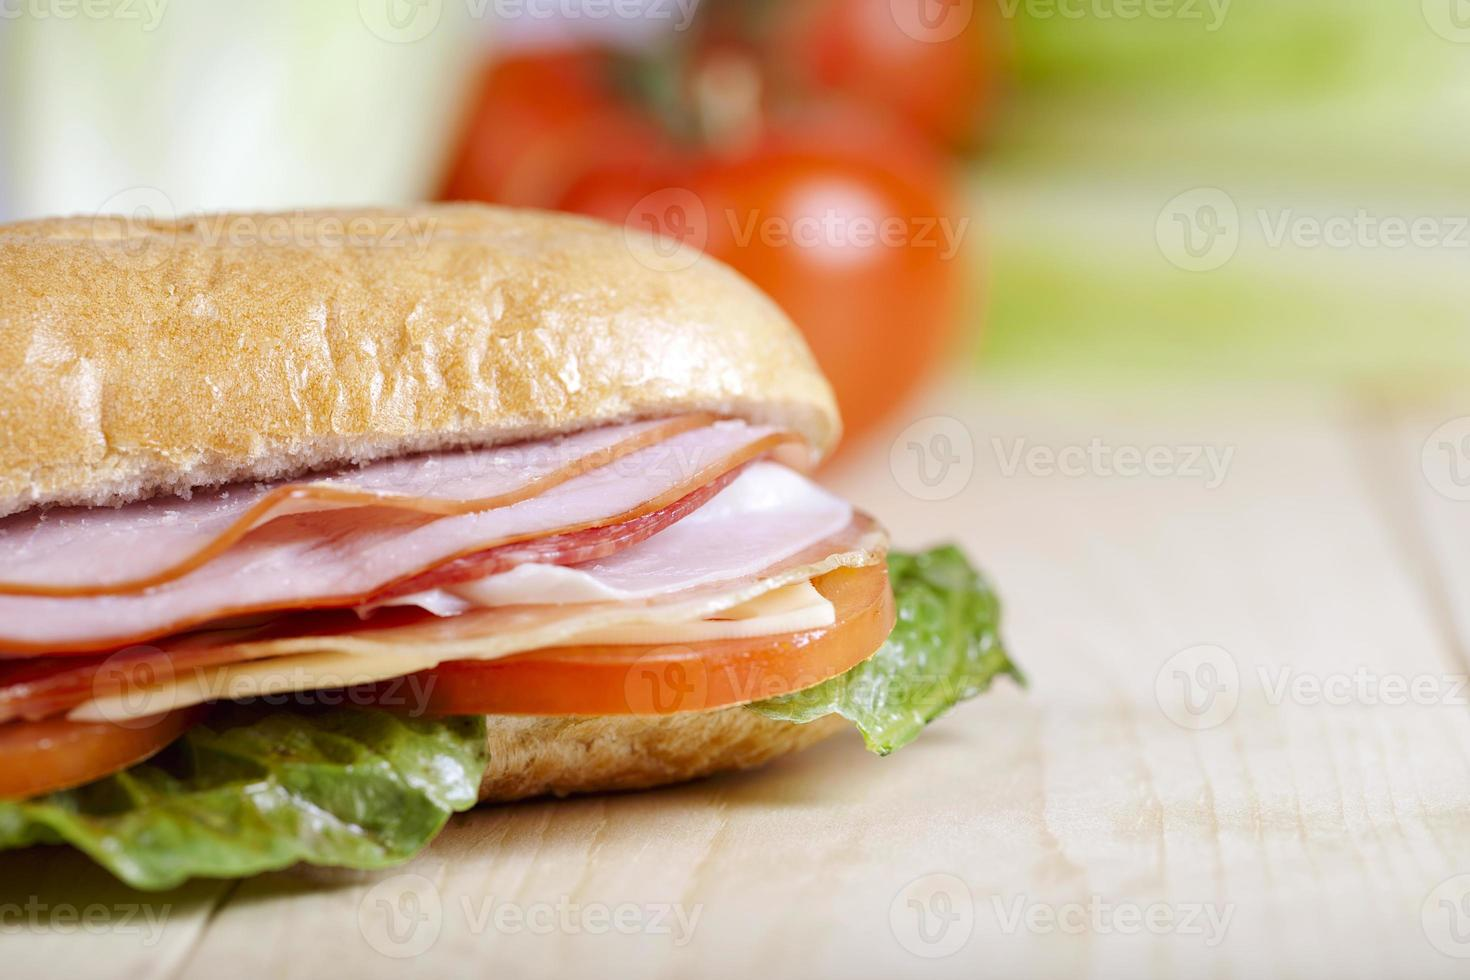 smörgås på nära håll foto